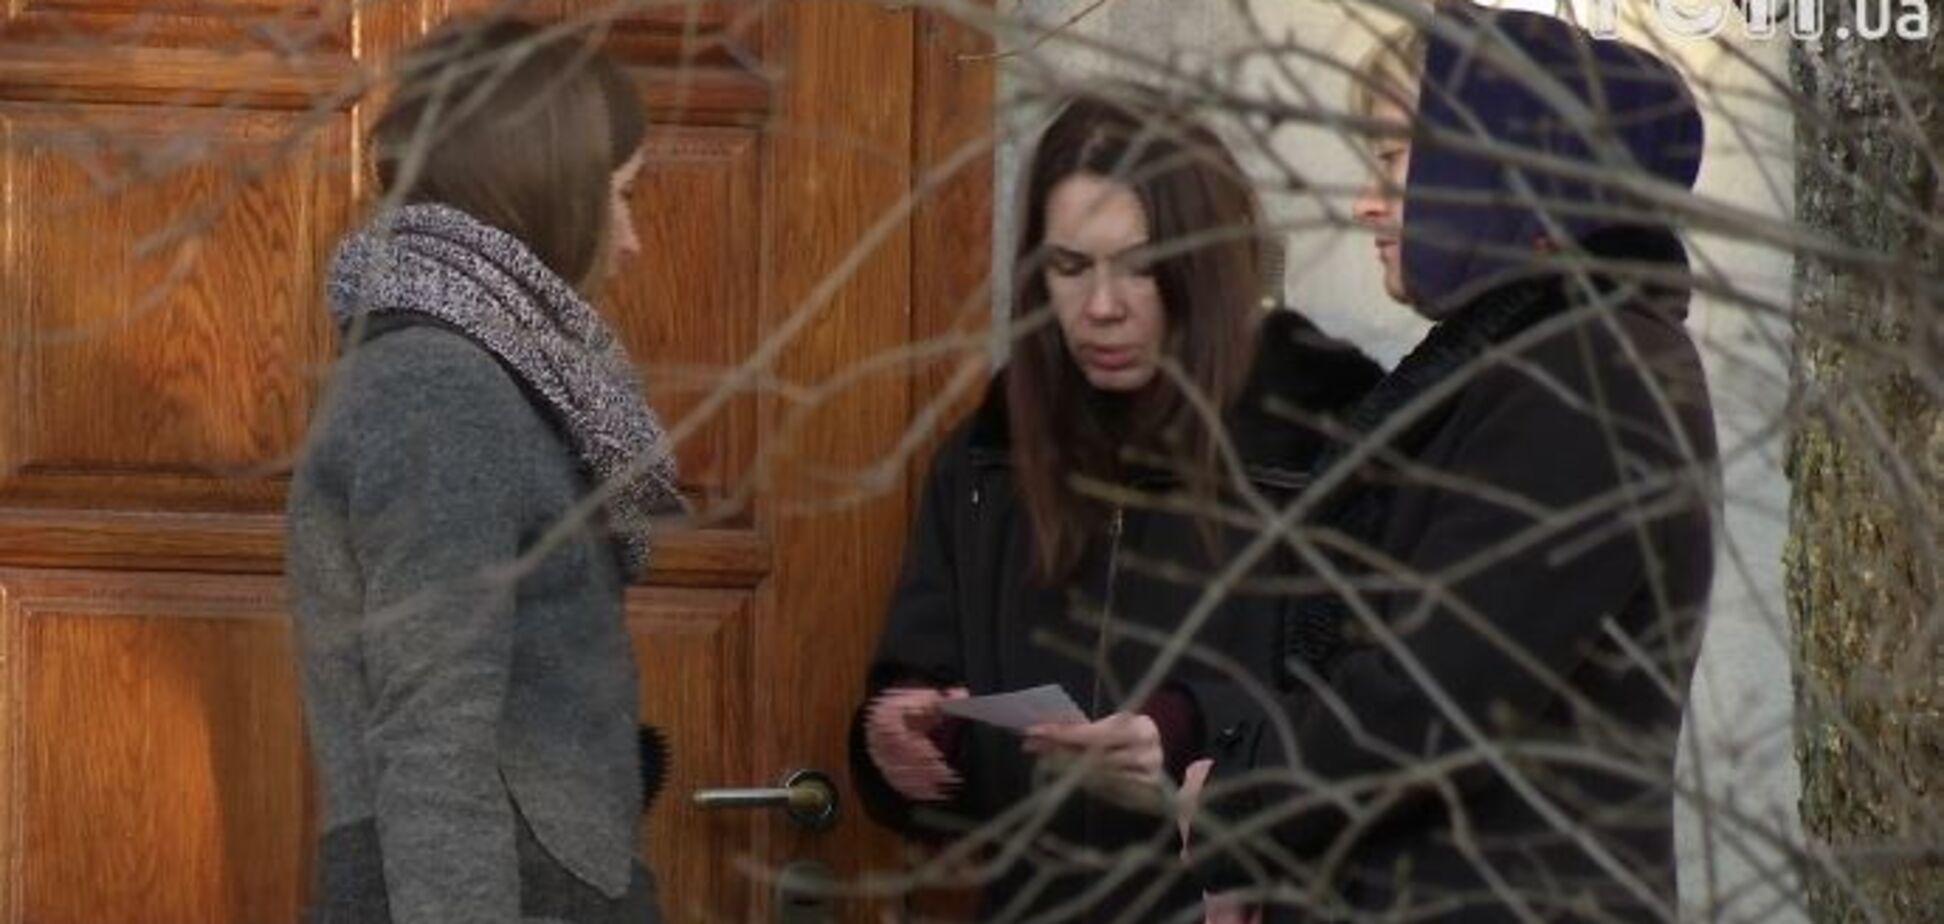 ДТП в Харькове: семьи погибших вернули матери Зайцевой 'компенсации' за смерти детей